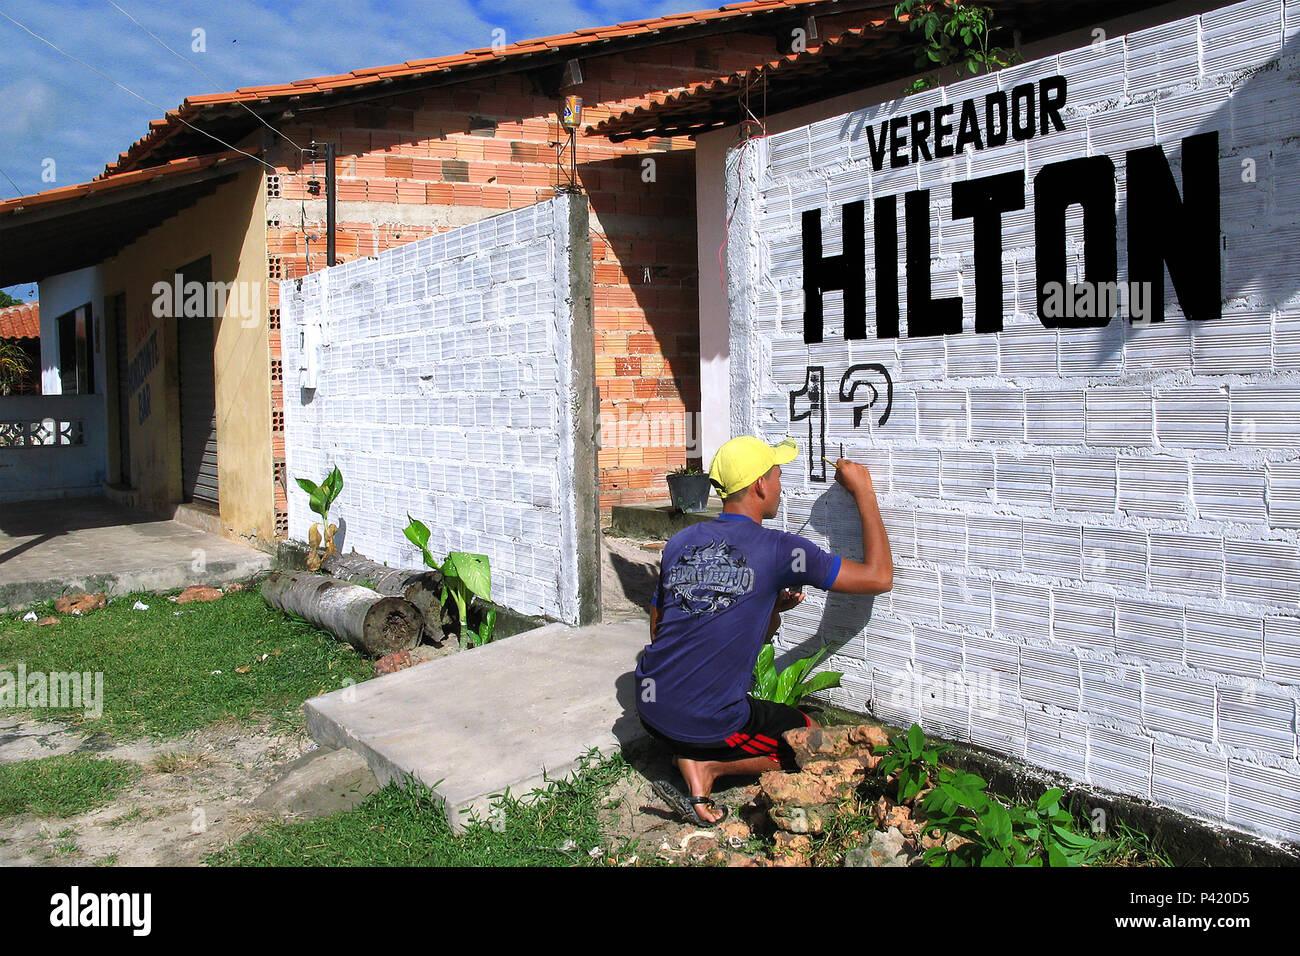 Pintor de Propaganda Política no Maranhão Pintor de Propaganda Política Pintando a parede com Propaganda Política Pintor de Paredes - Stock Image